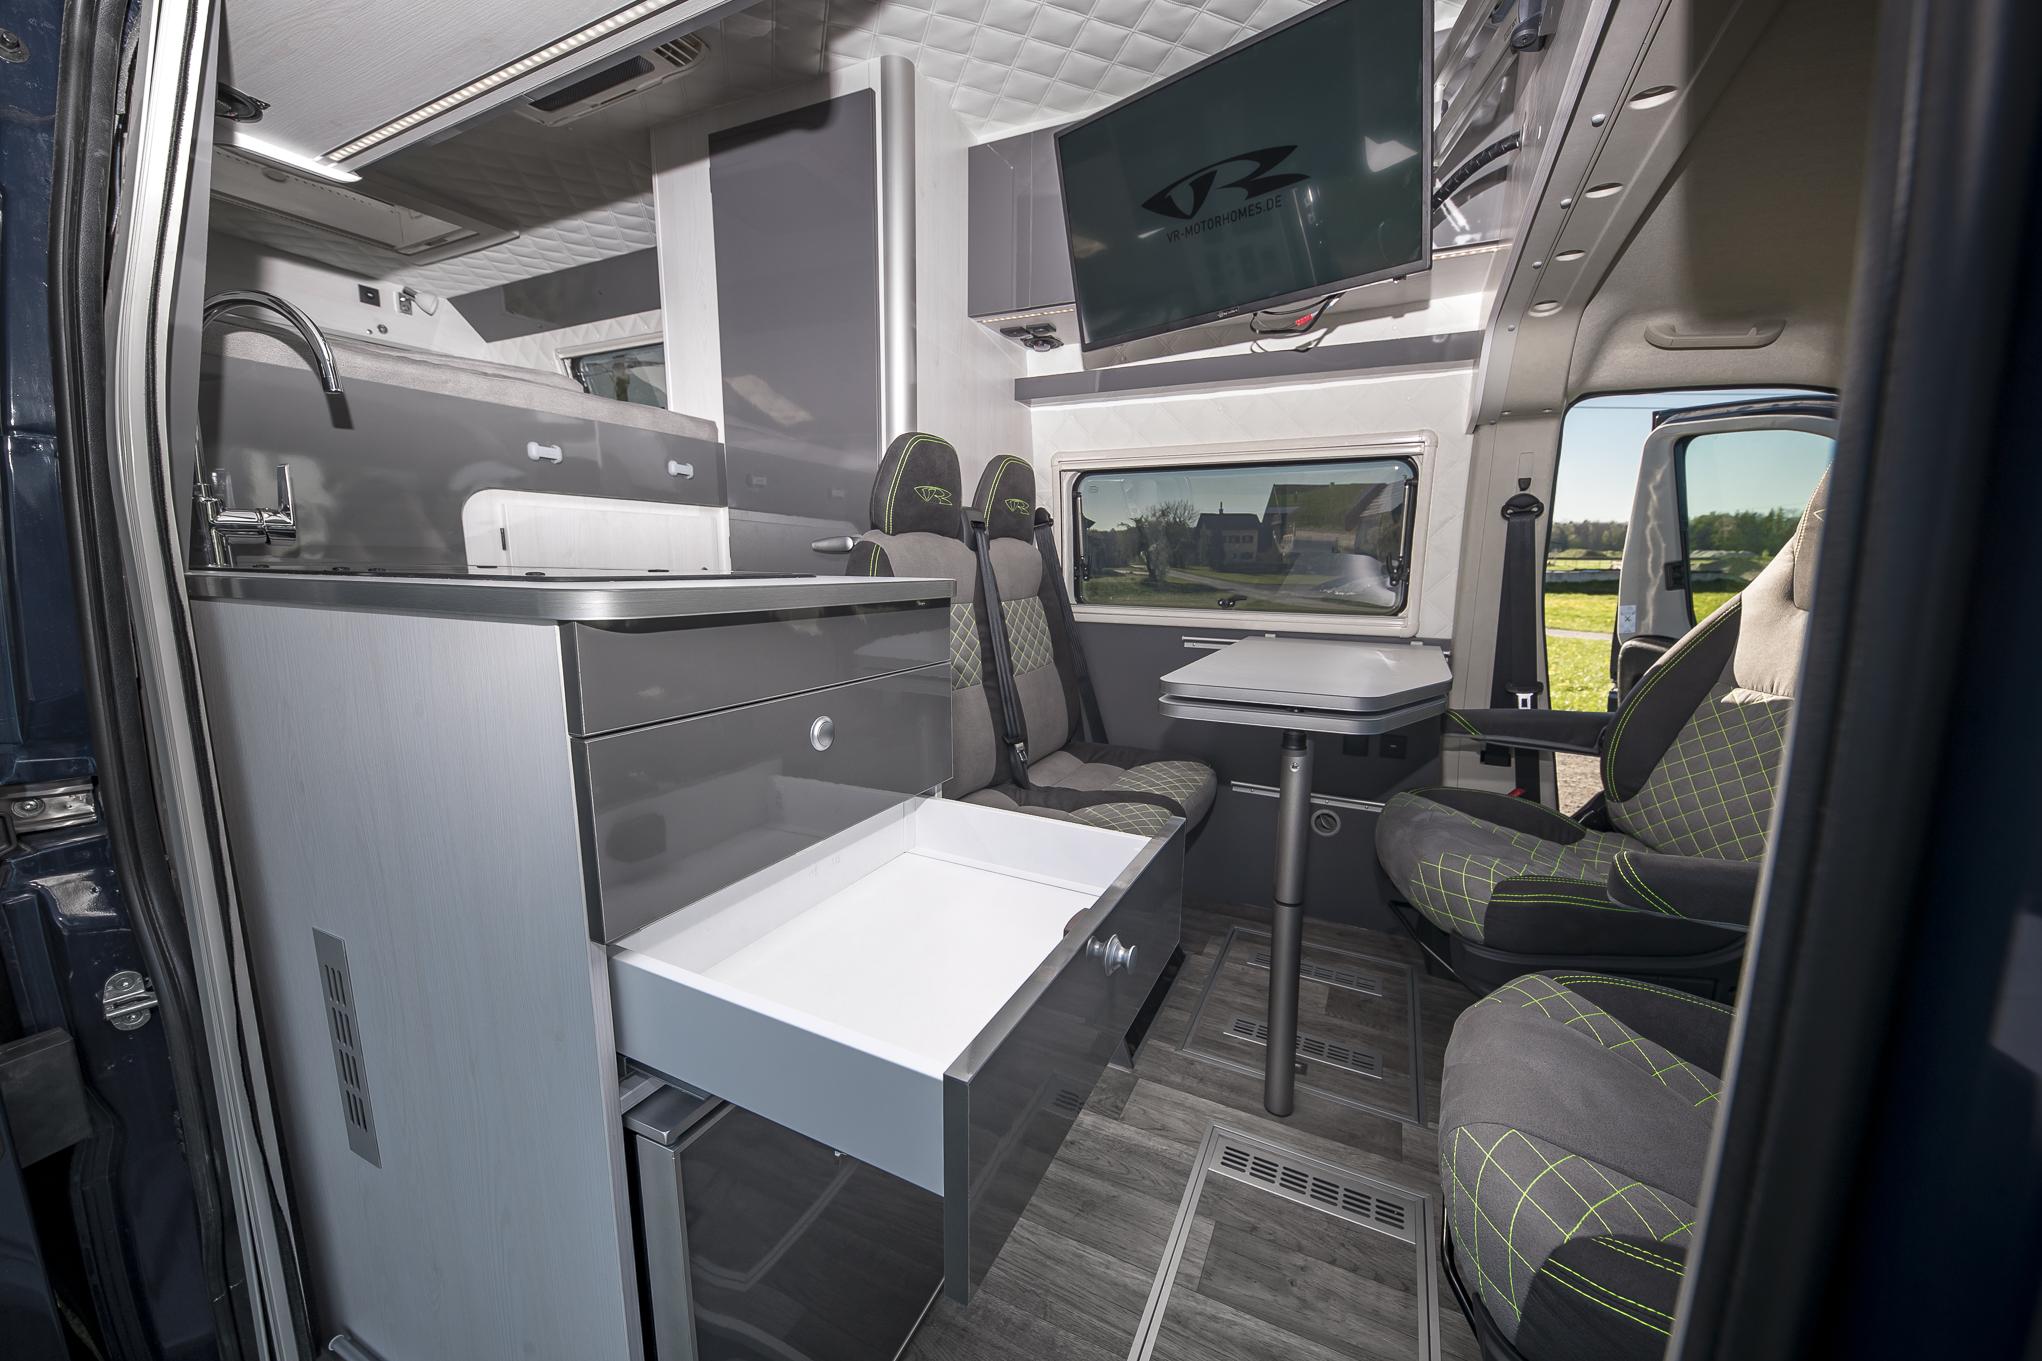 camper TV 32zoll soundsystem dolby surround sound musik camper interior kastenwagen transporter luxus wohnmobil